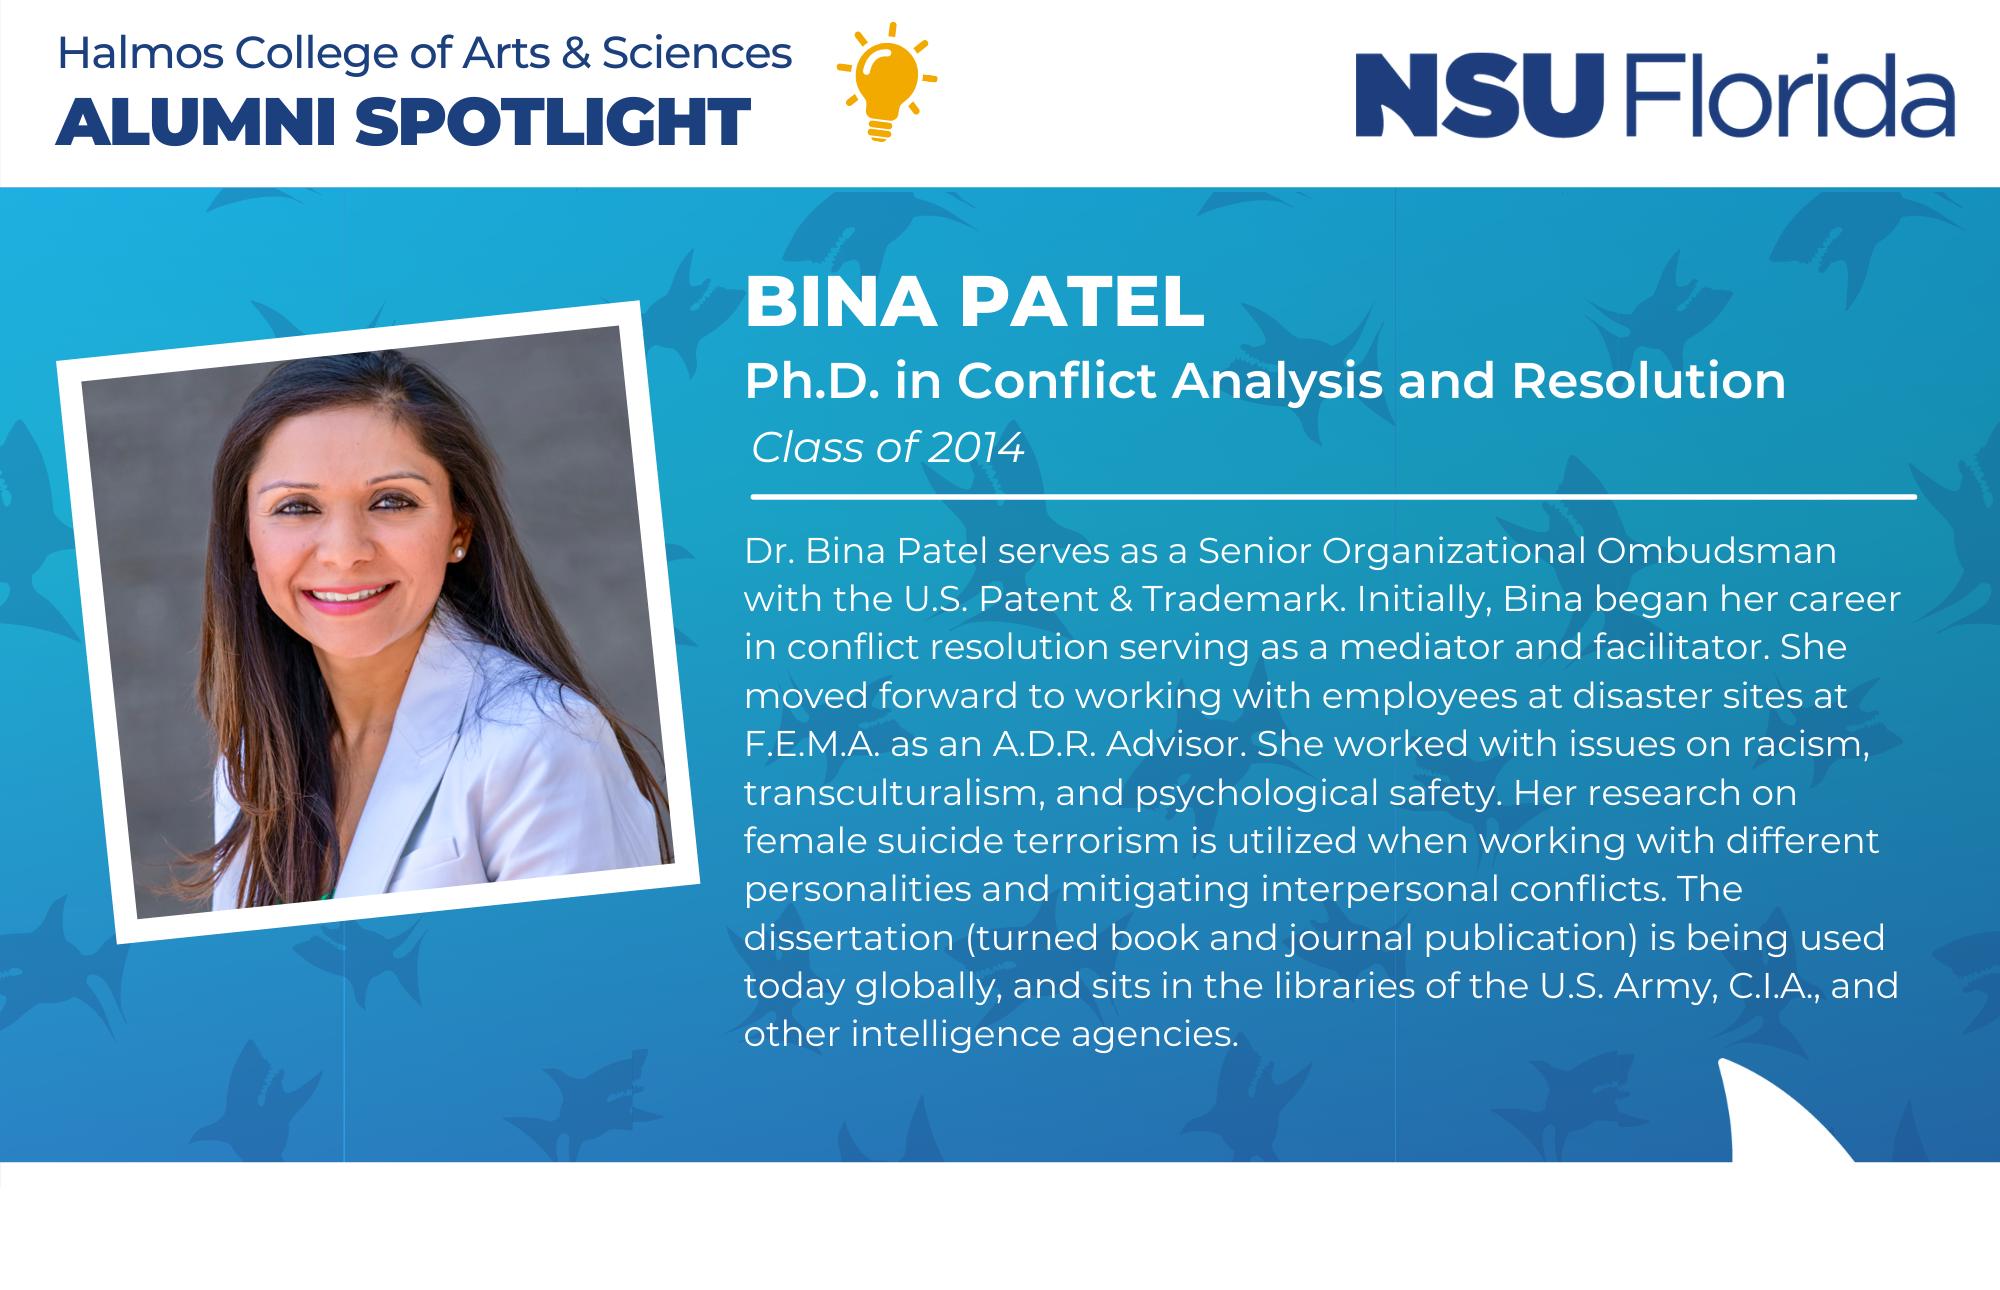 NSU Florida Alumni Spotlight Bina Patel